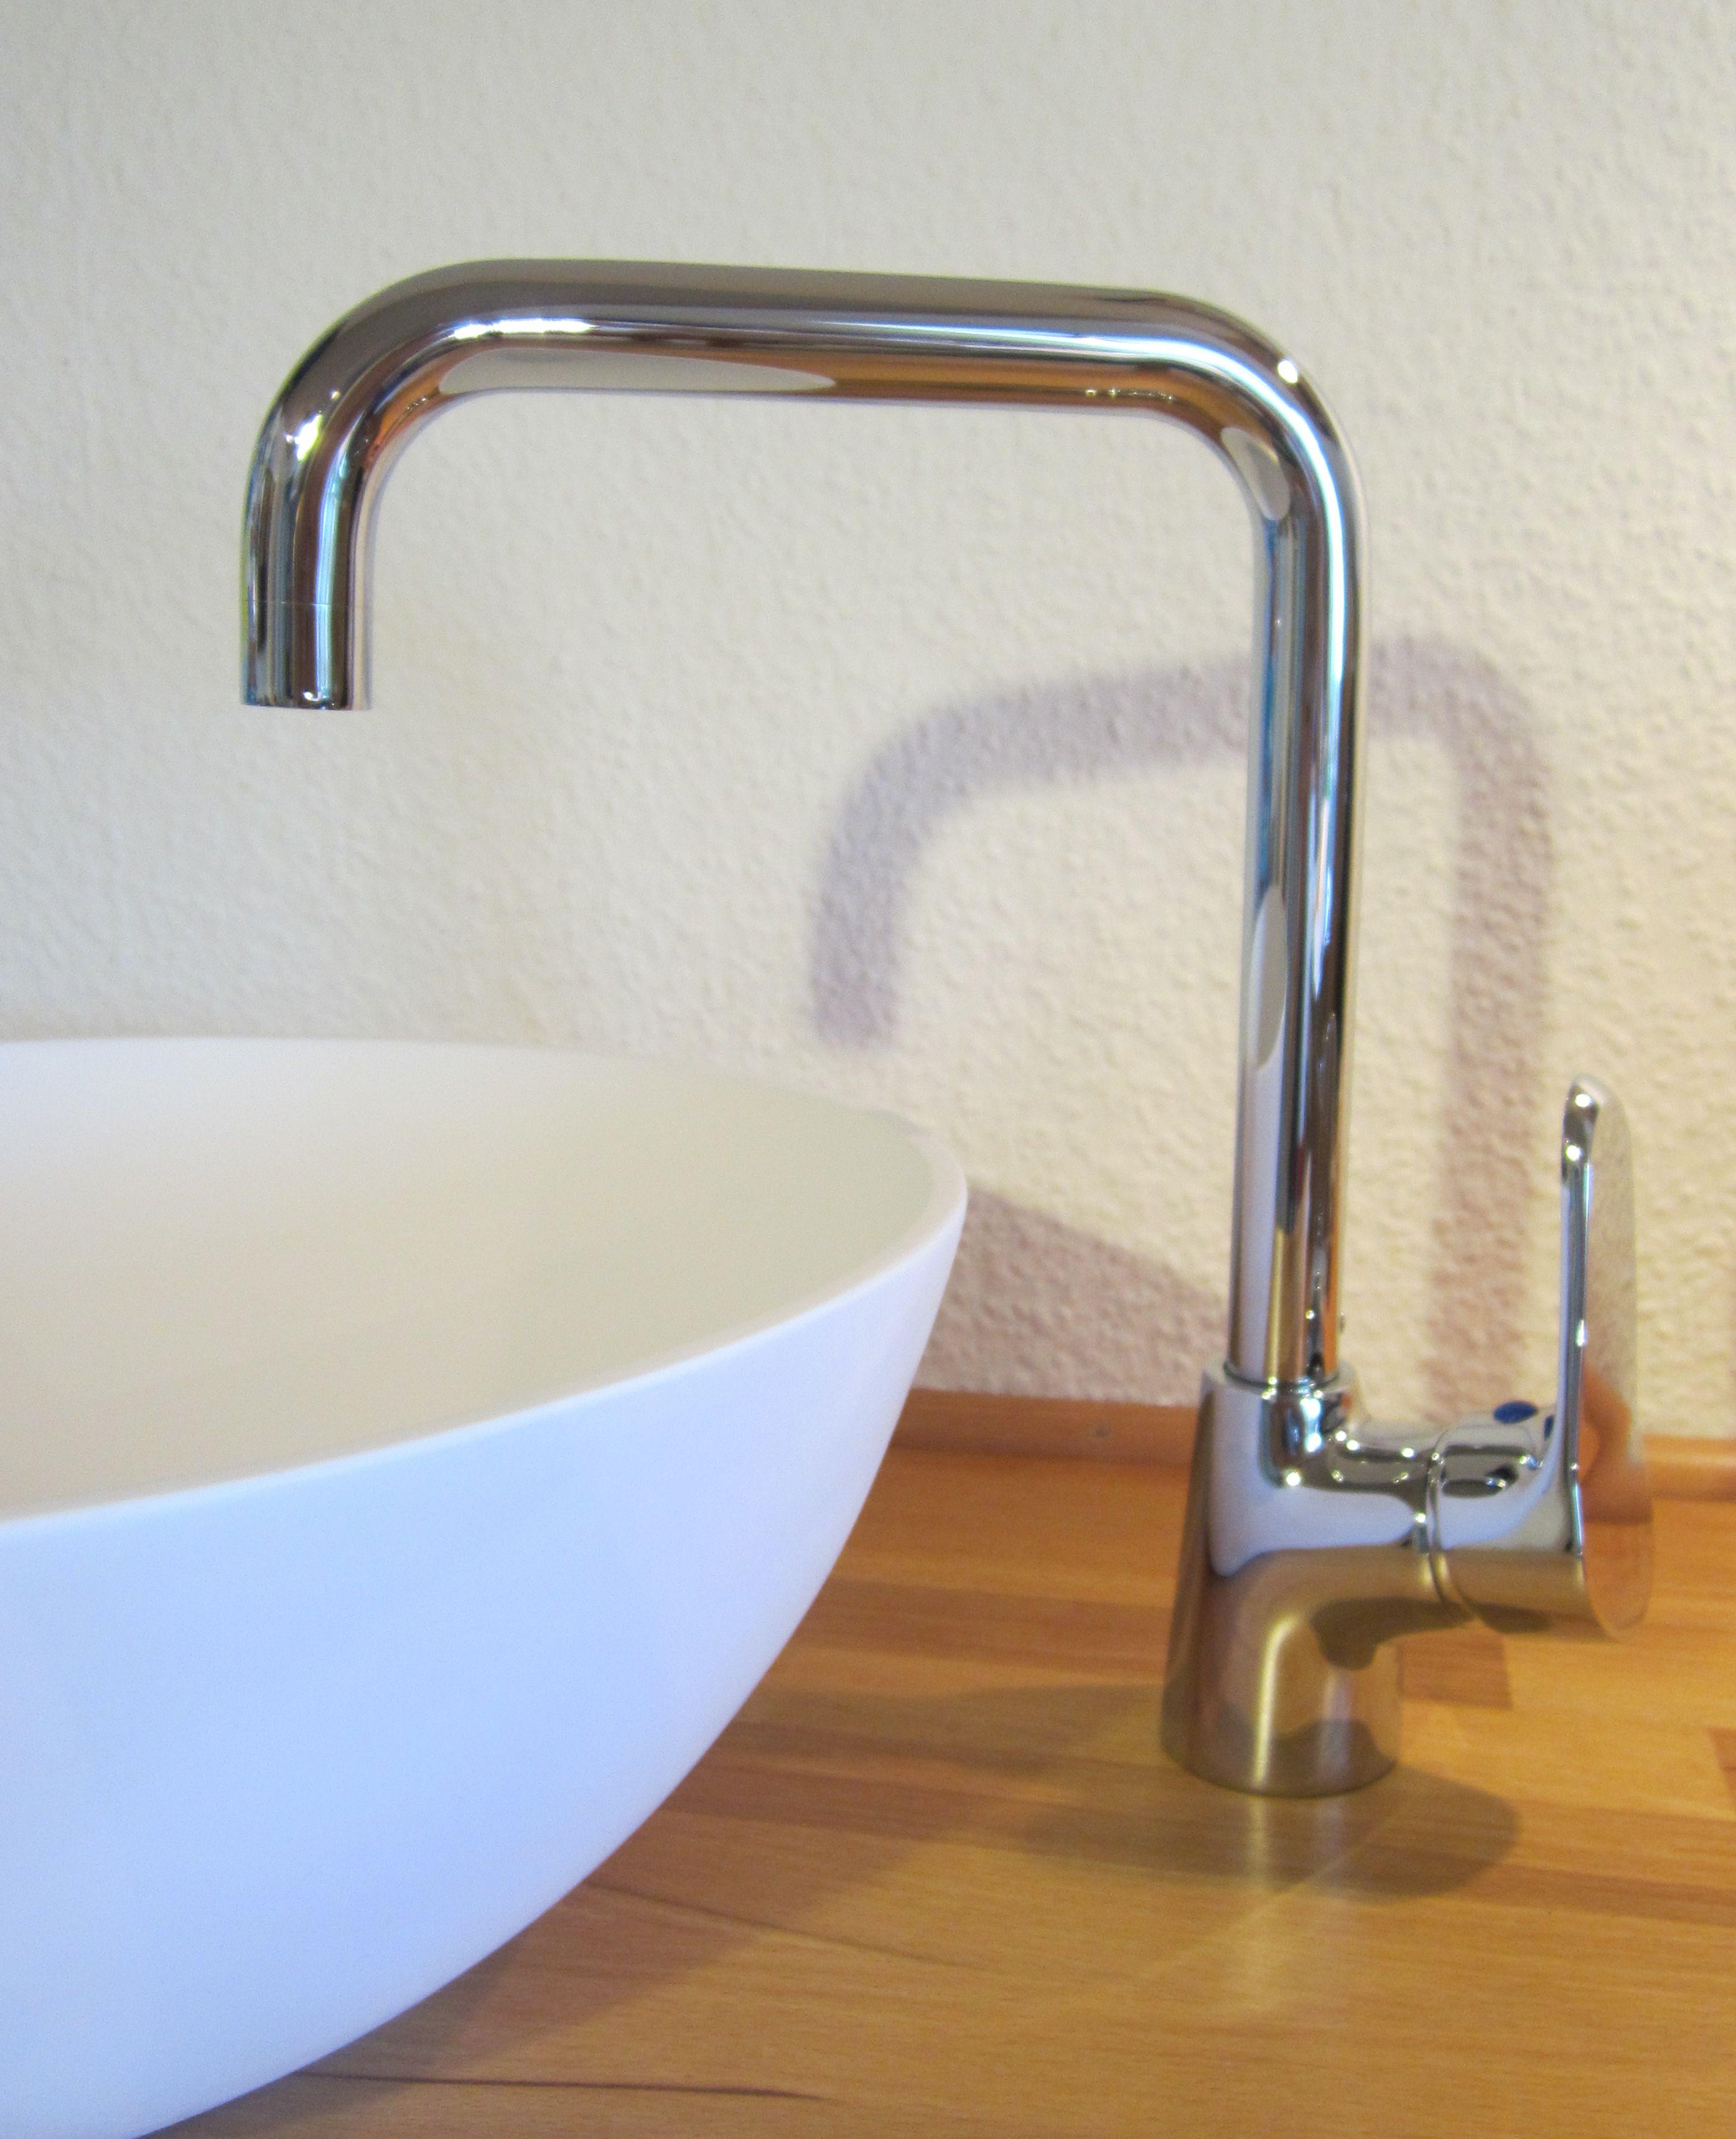 Waschtisch Armaturen Bad VB24 – Hitoiro